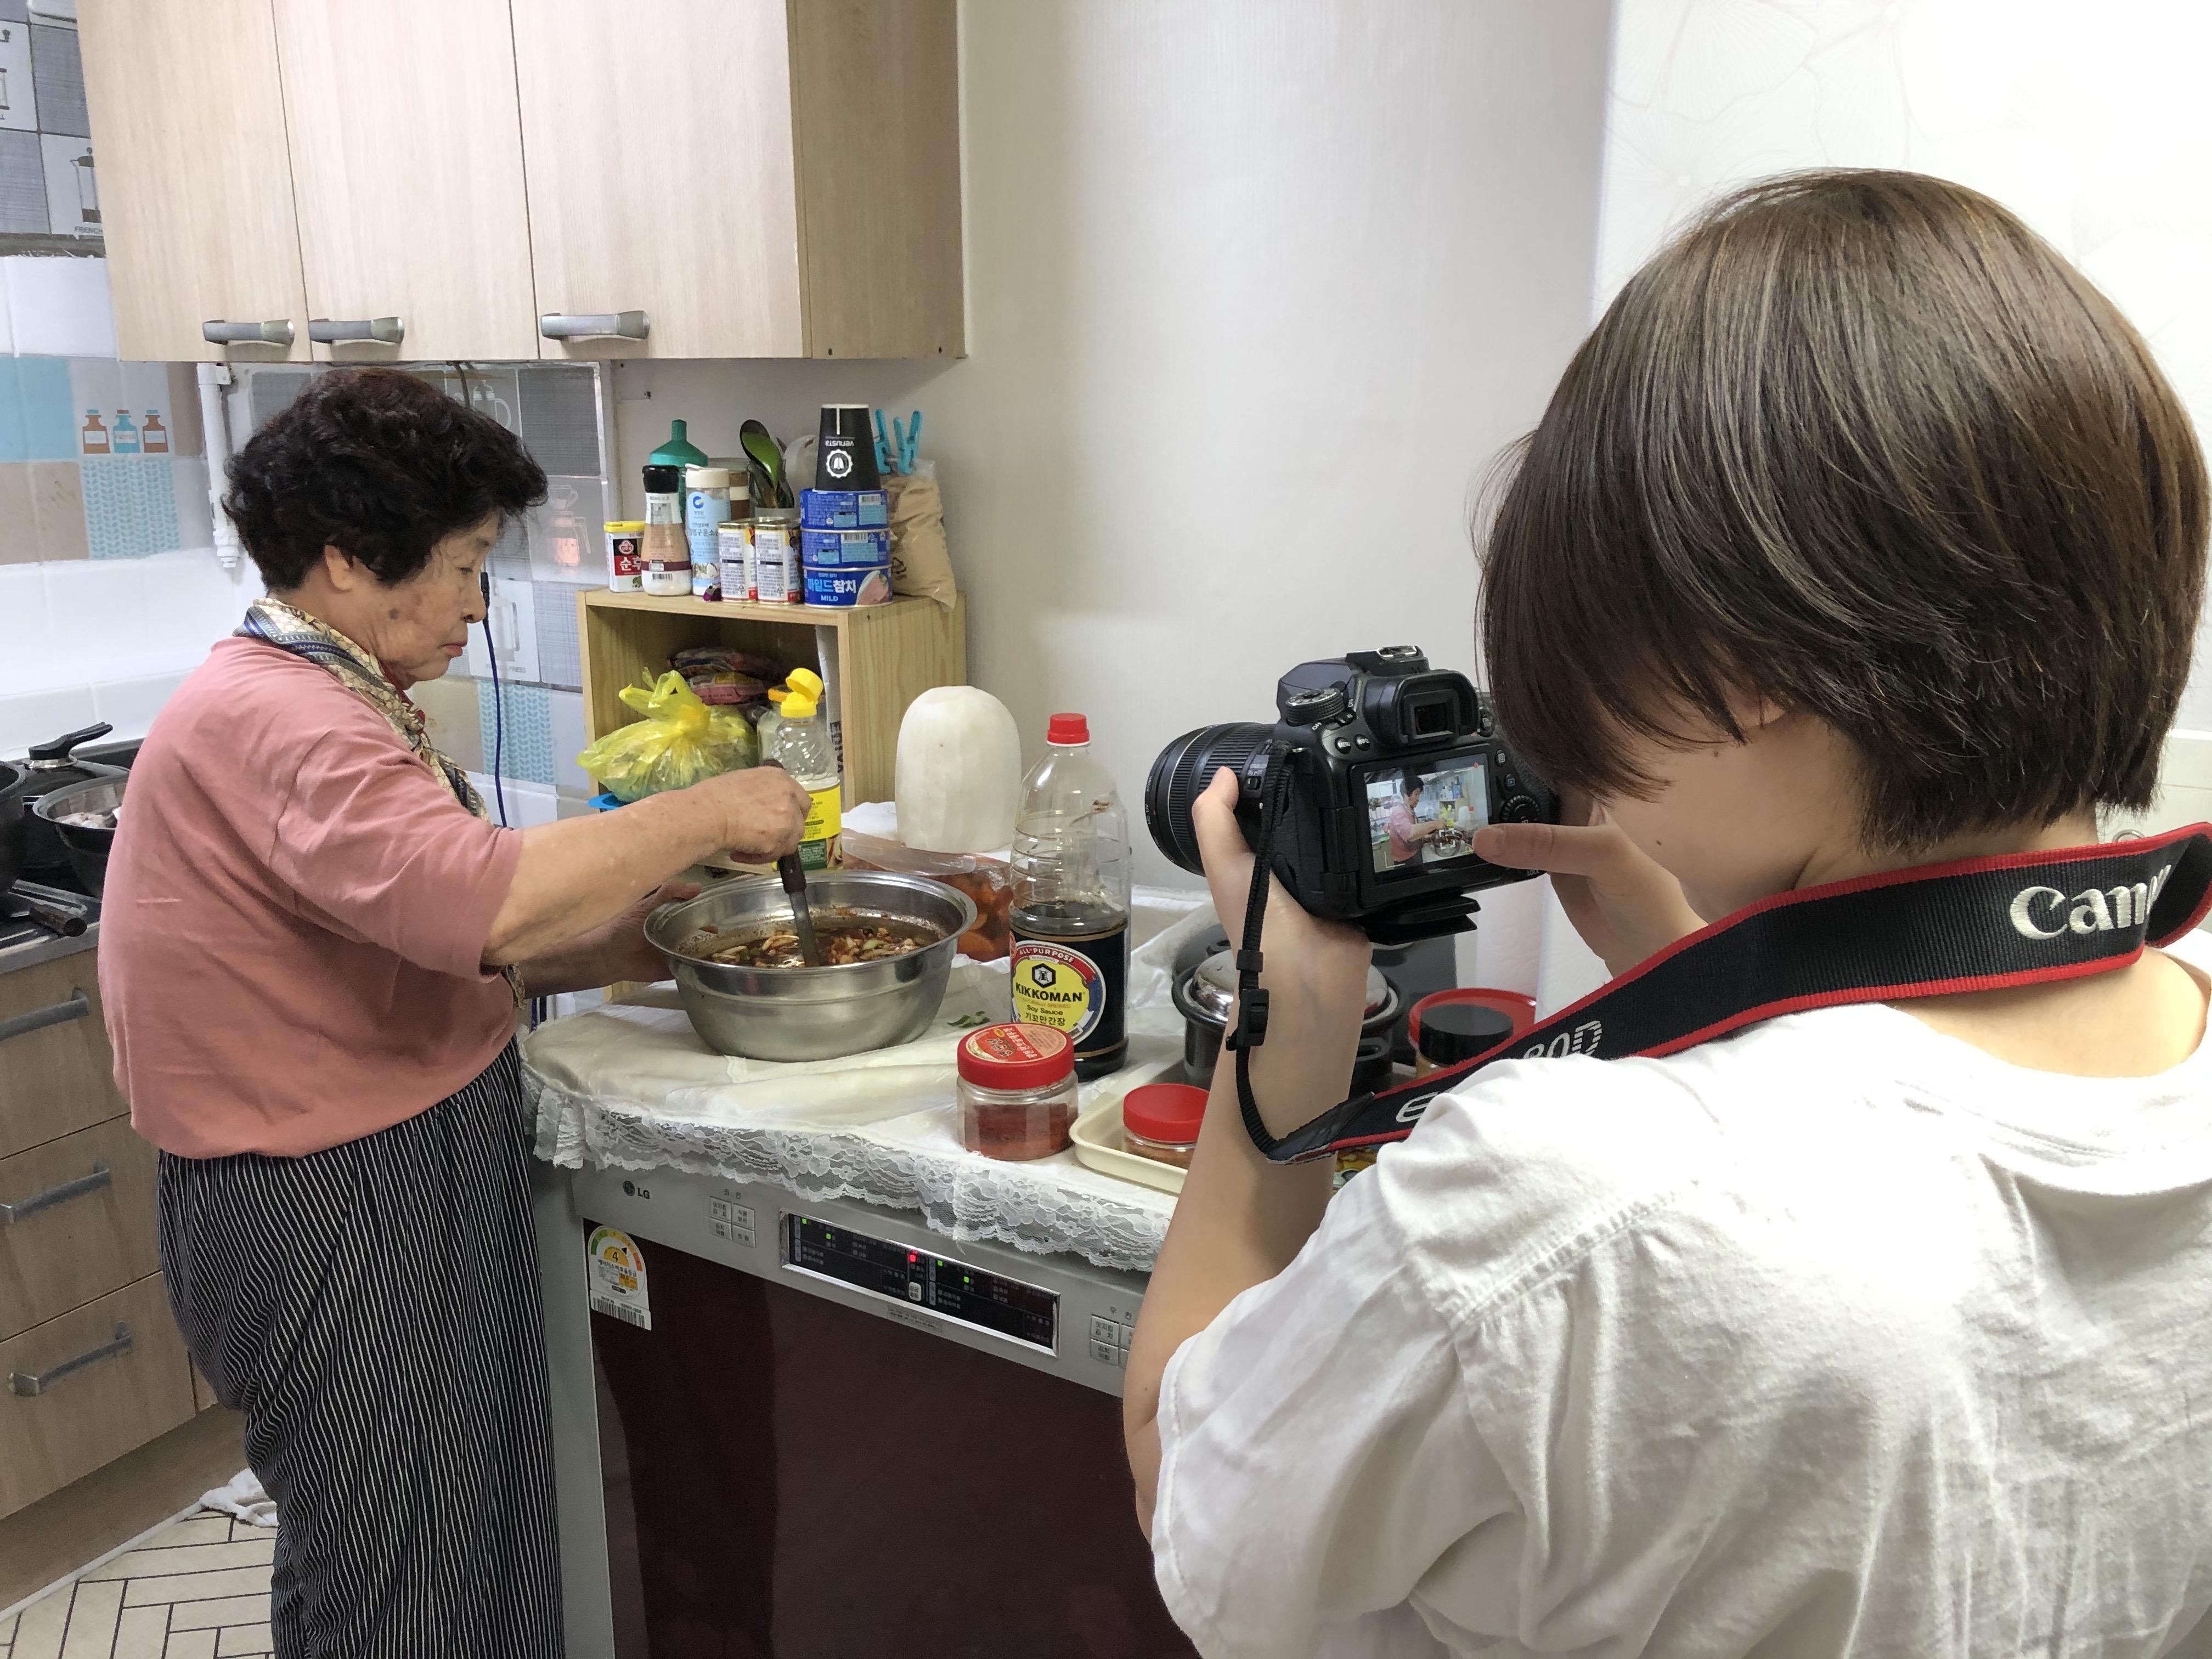 [재가지원] 재가어르신 요리 콘텐츠 제작 프로그램 '내가 바로 쿡(COOK)크리에이터!' 7차 활동